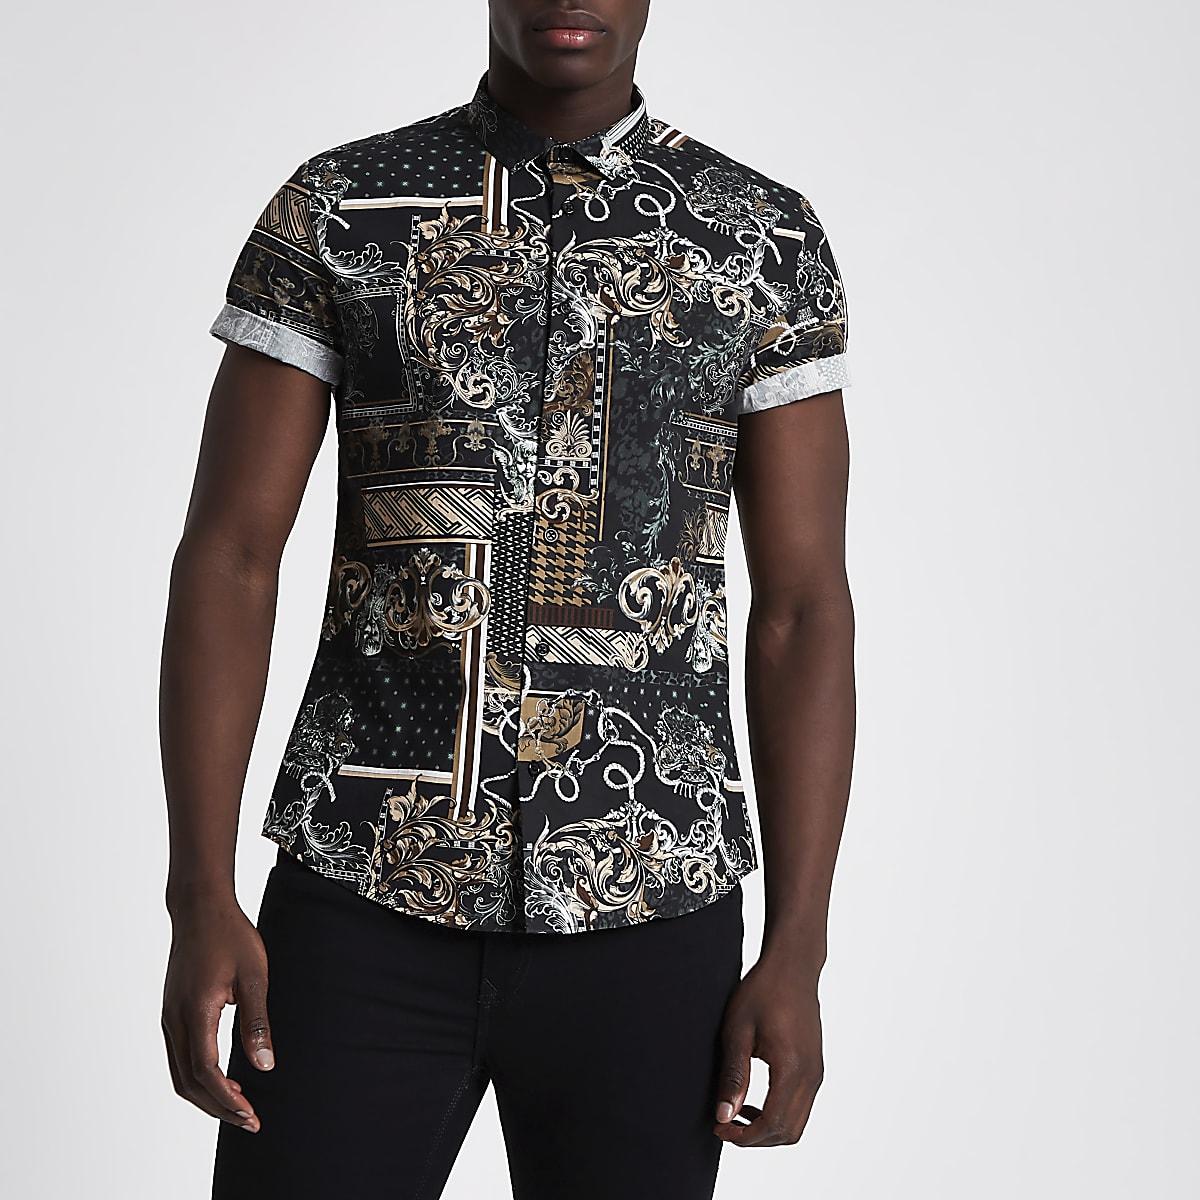 Overhemd Zwart Slim Fit.Zwart Slim Fit Overhemd Met Barokprint En Korte Mouwen Overhemden